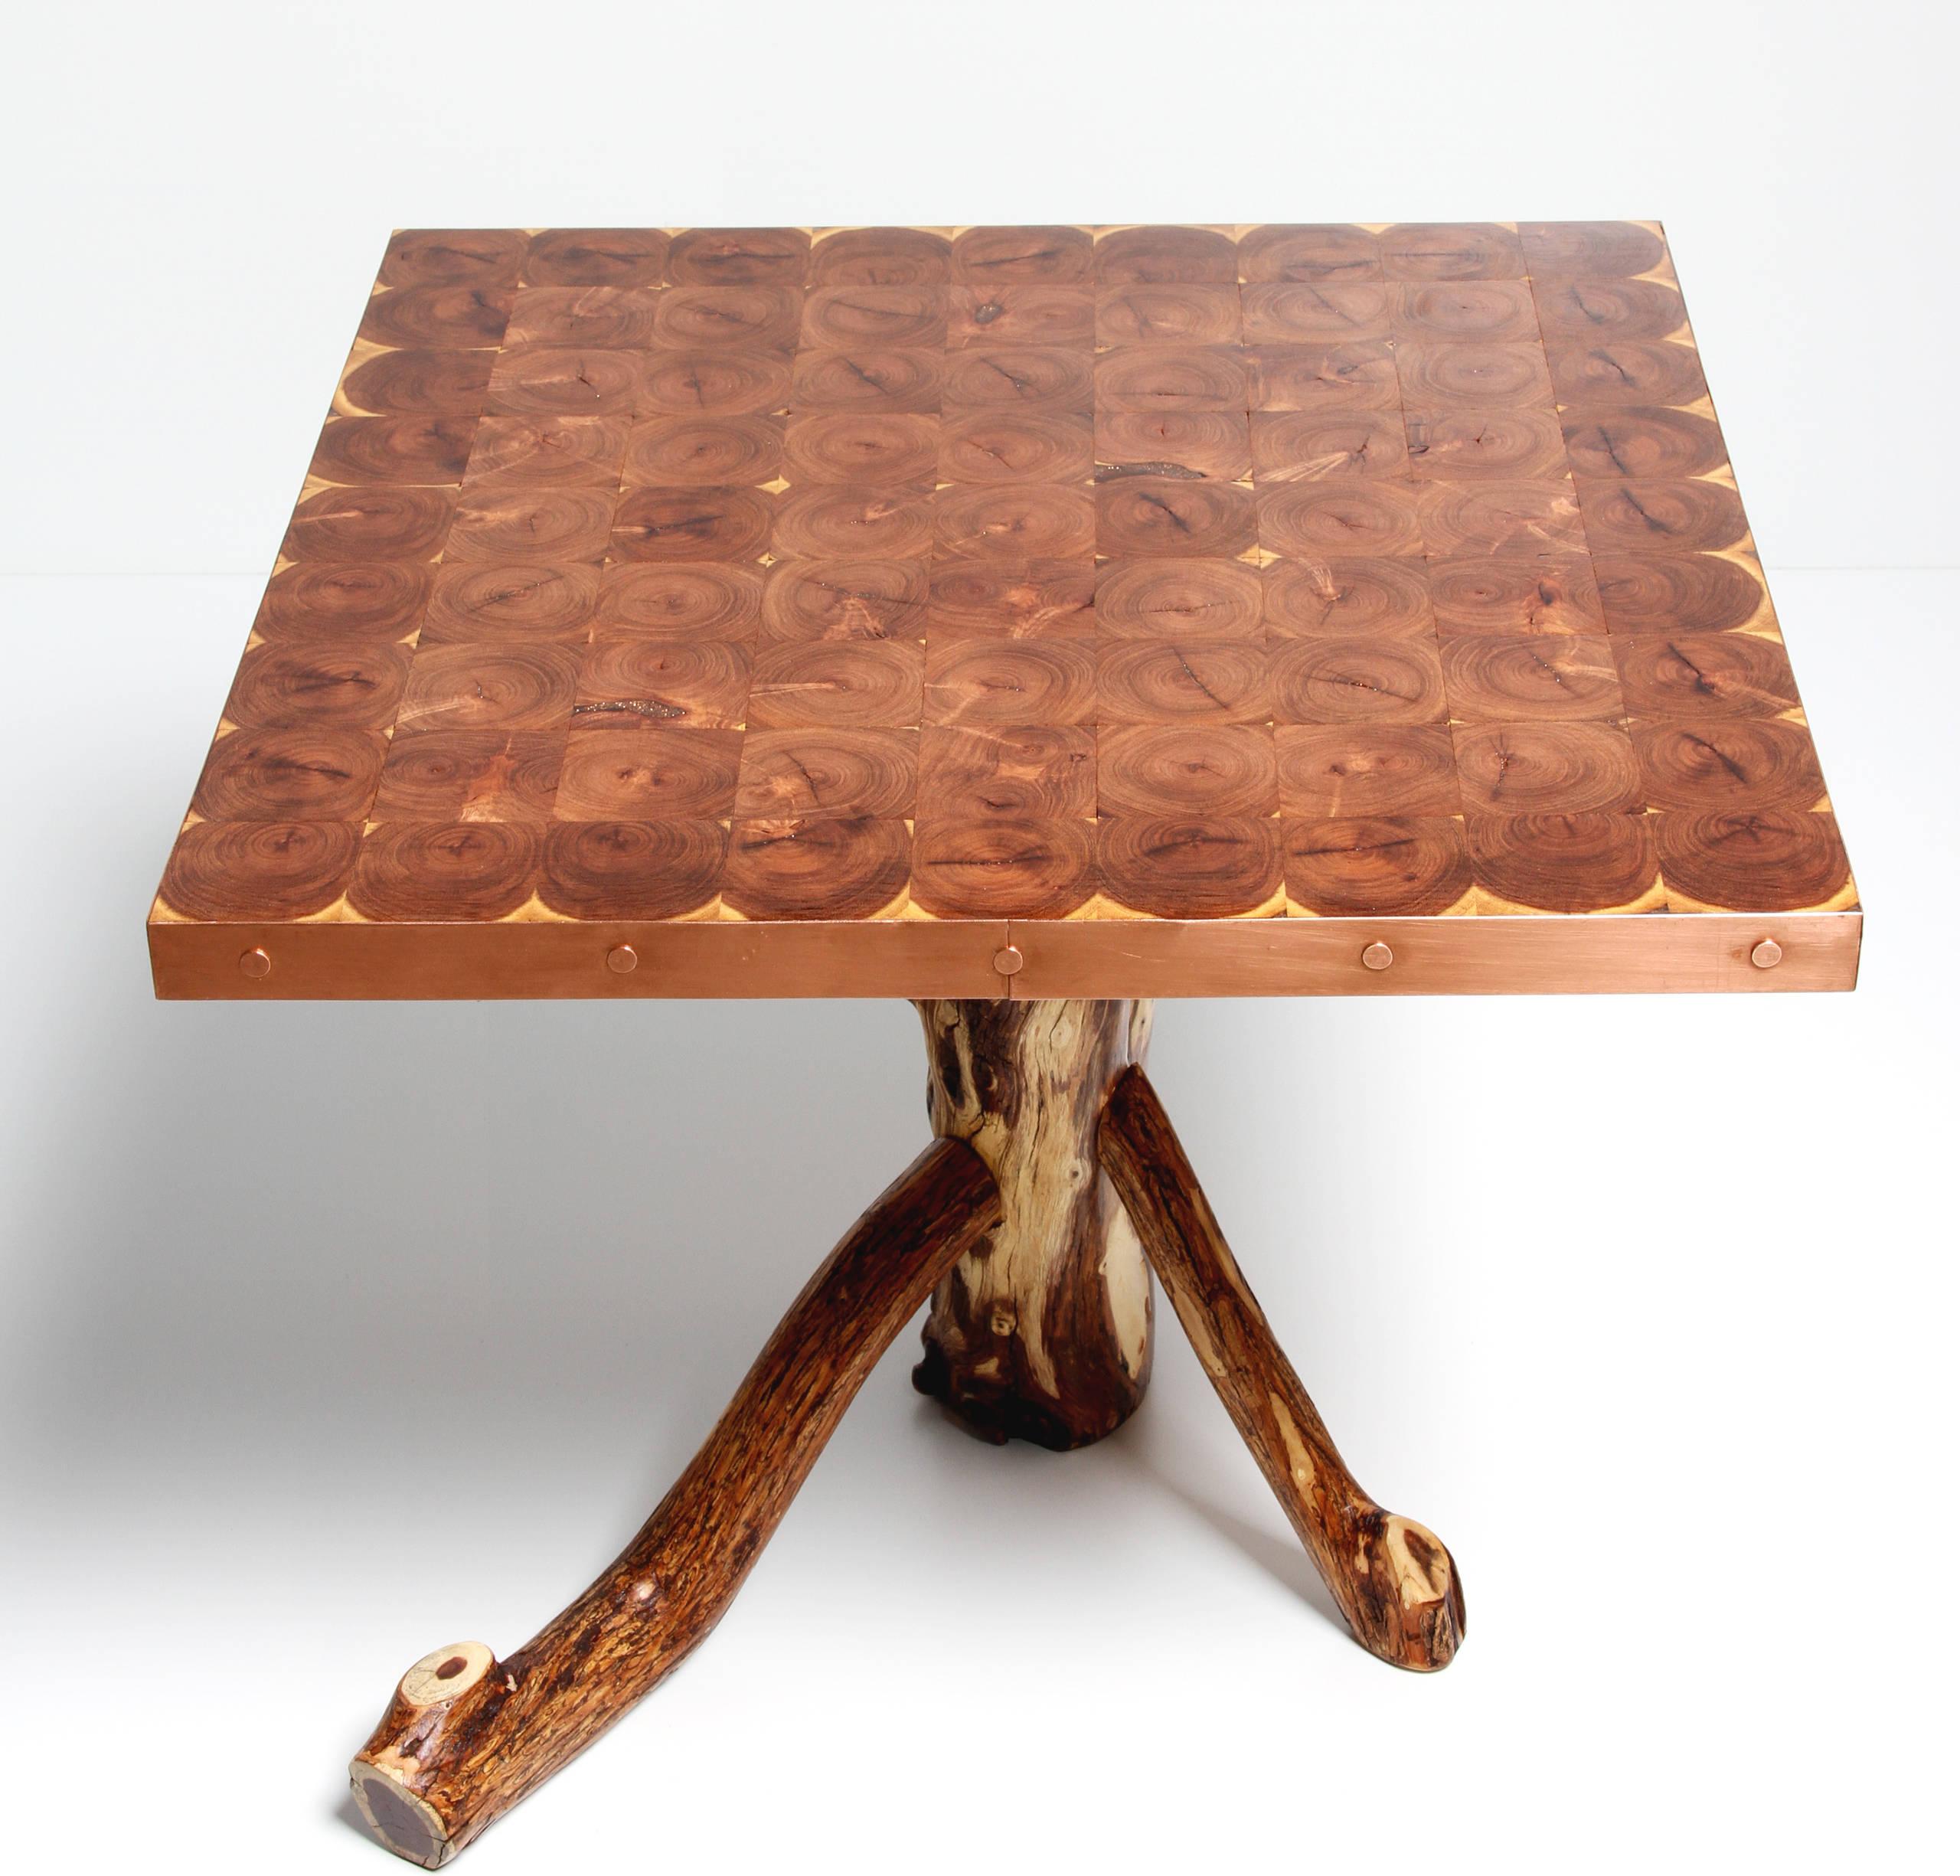 mesquite tree table